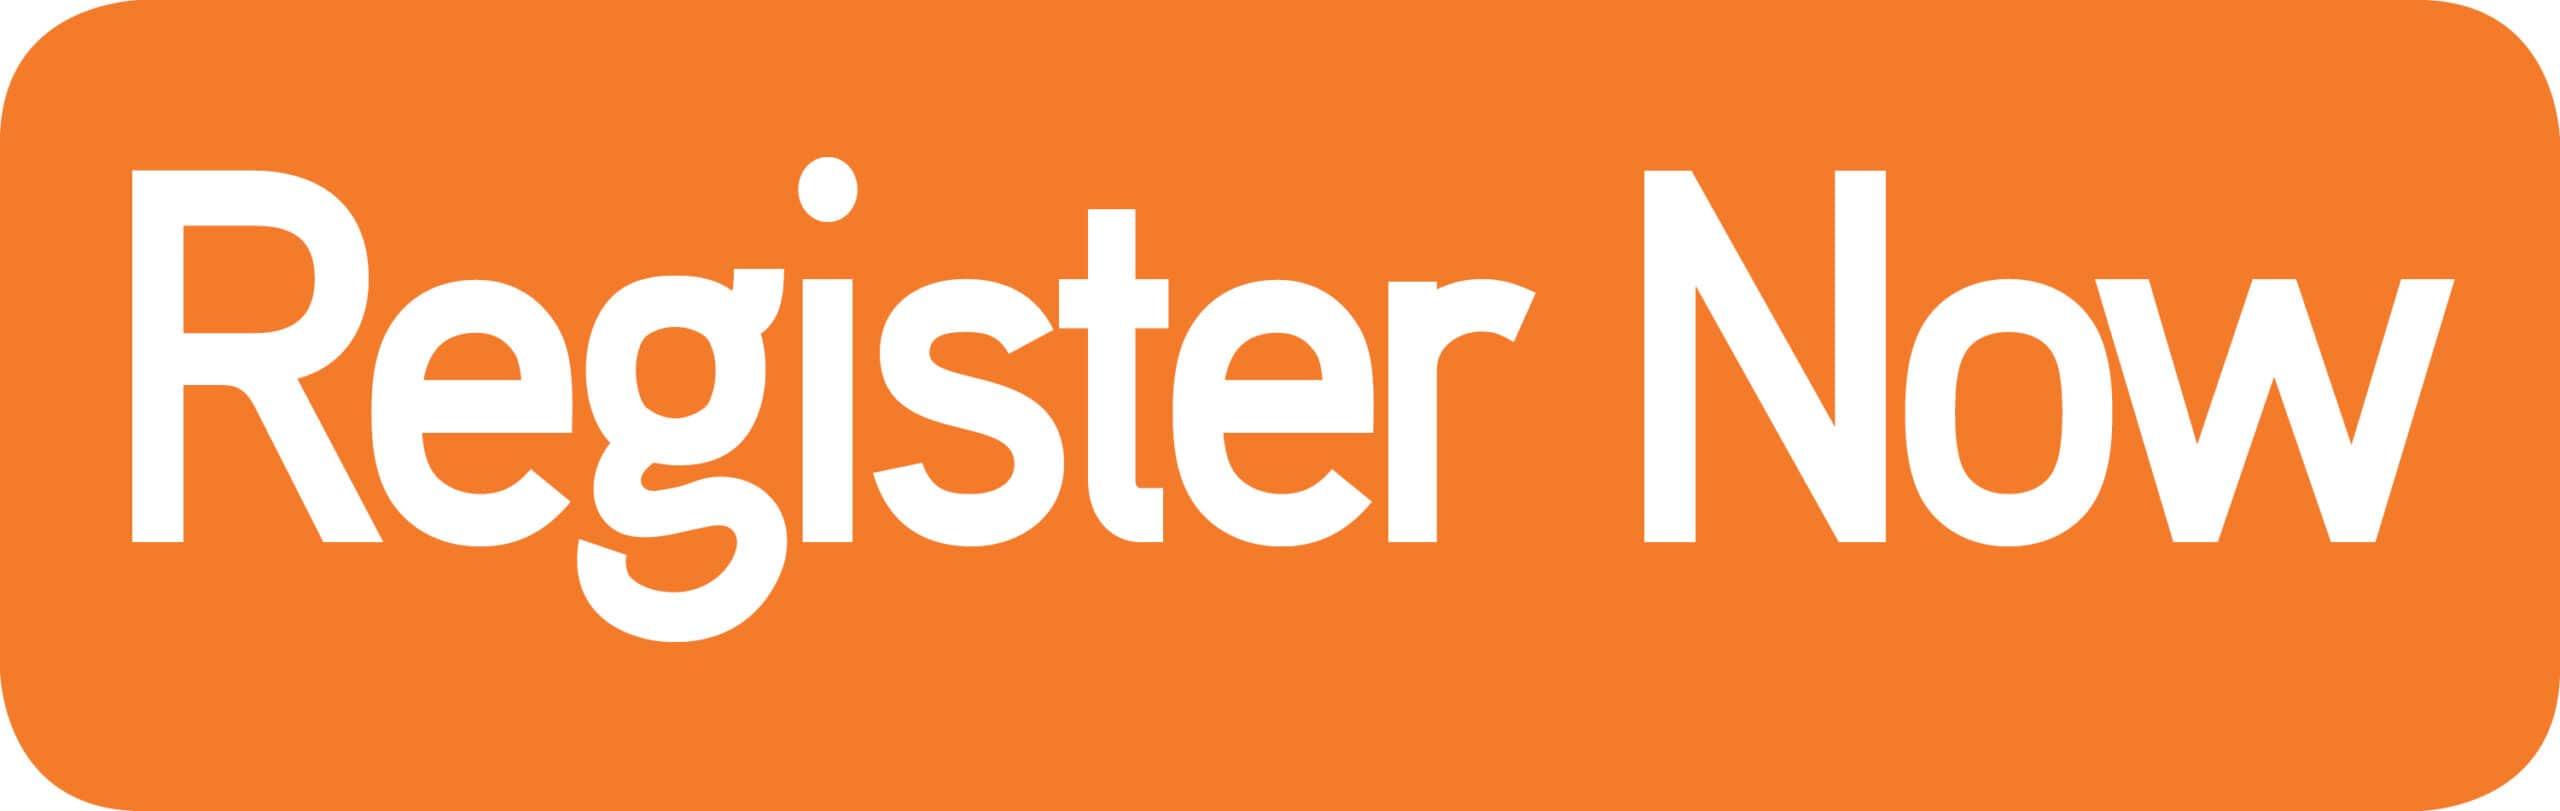 register-now-logo-i4